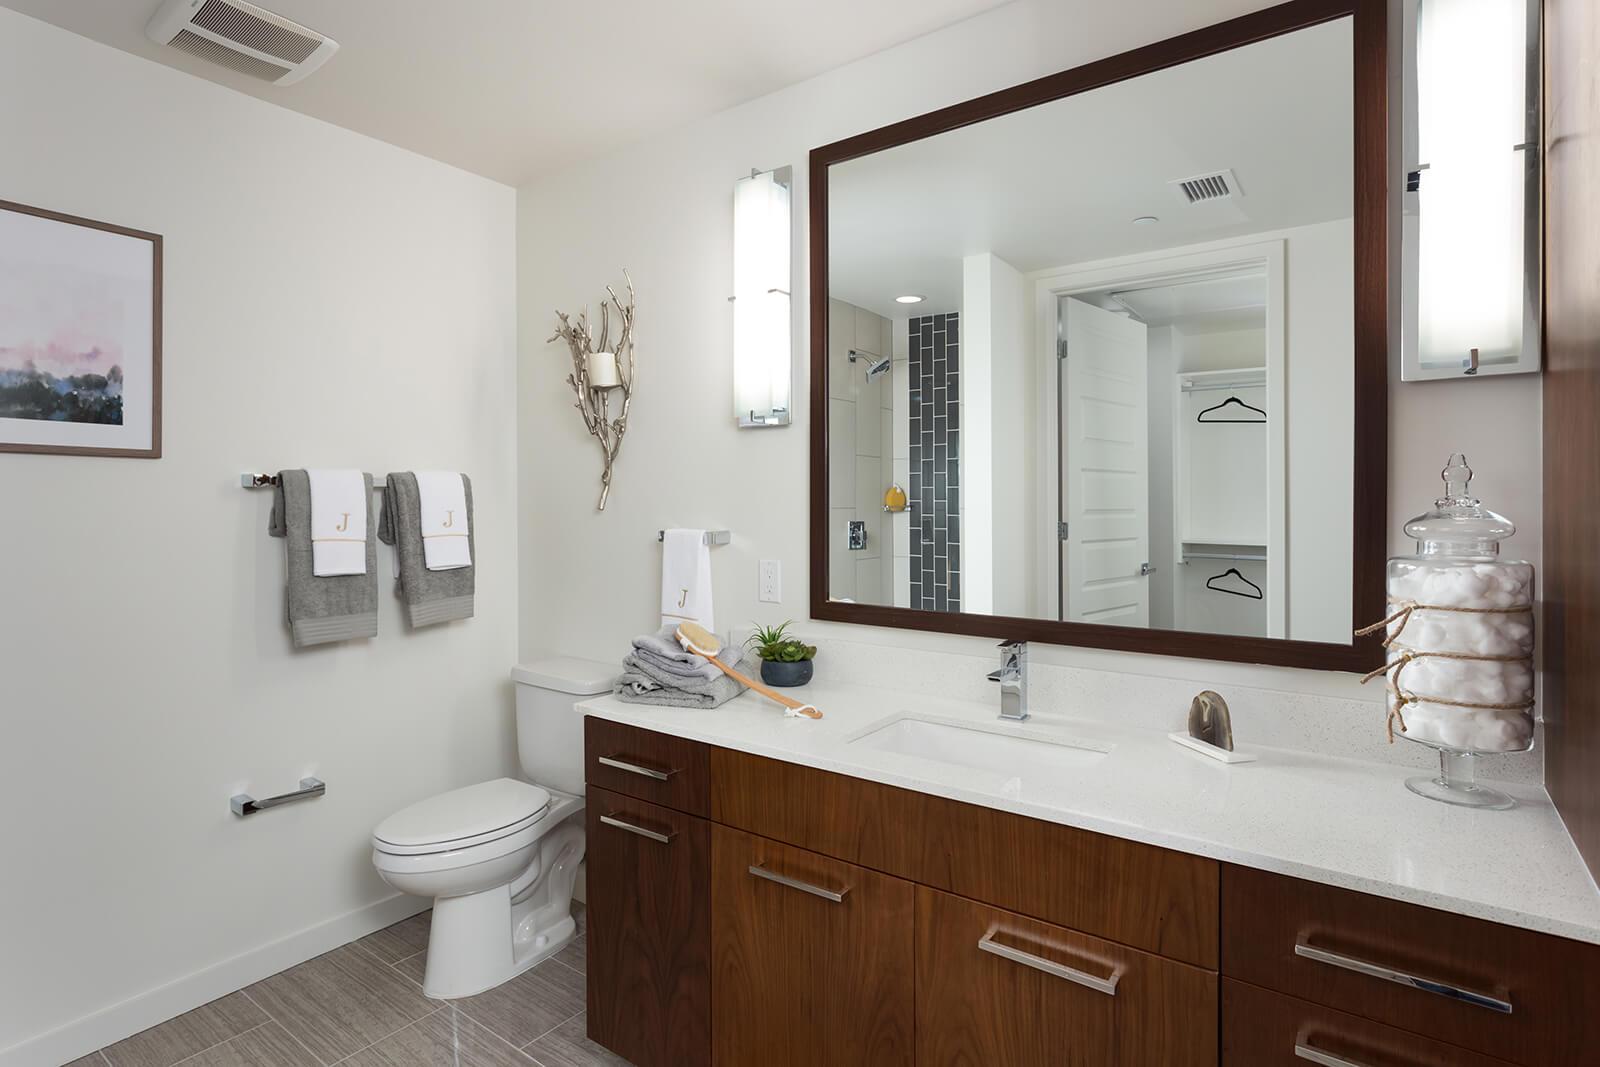 Spa-Inspired Bathrooms at 1000 Speer by Windsor, Denver, CO